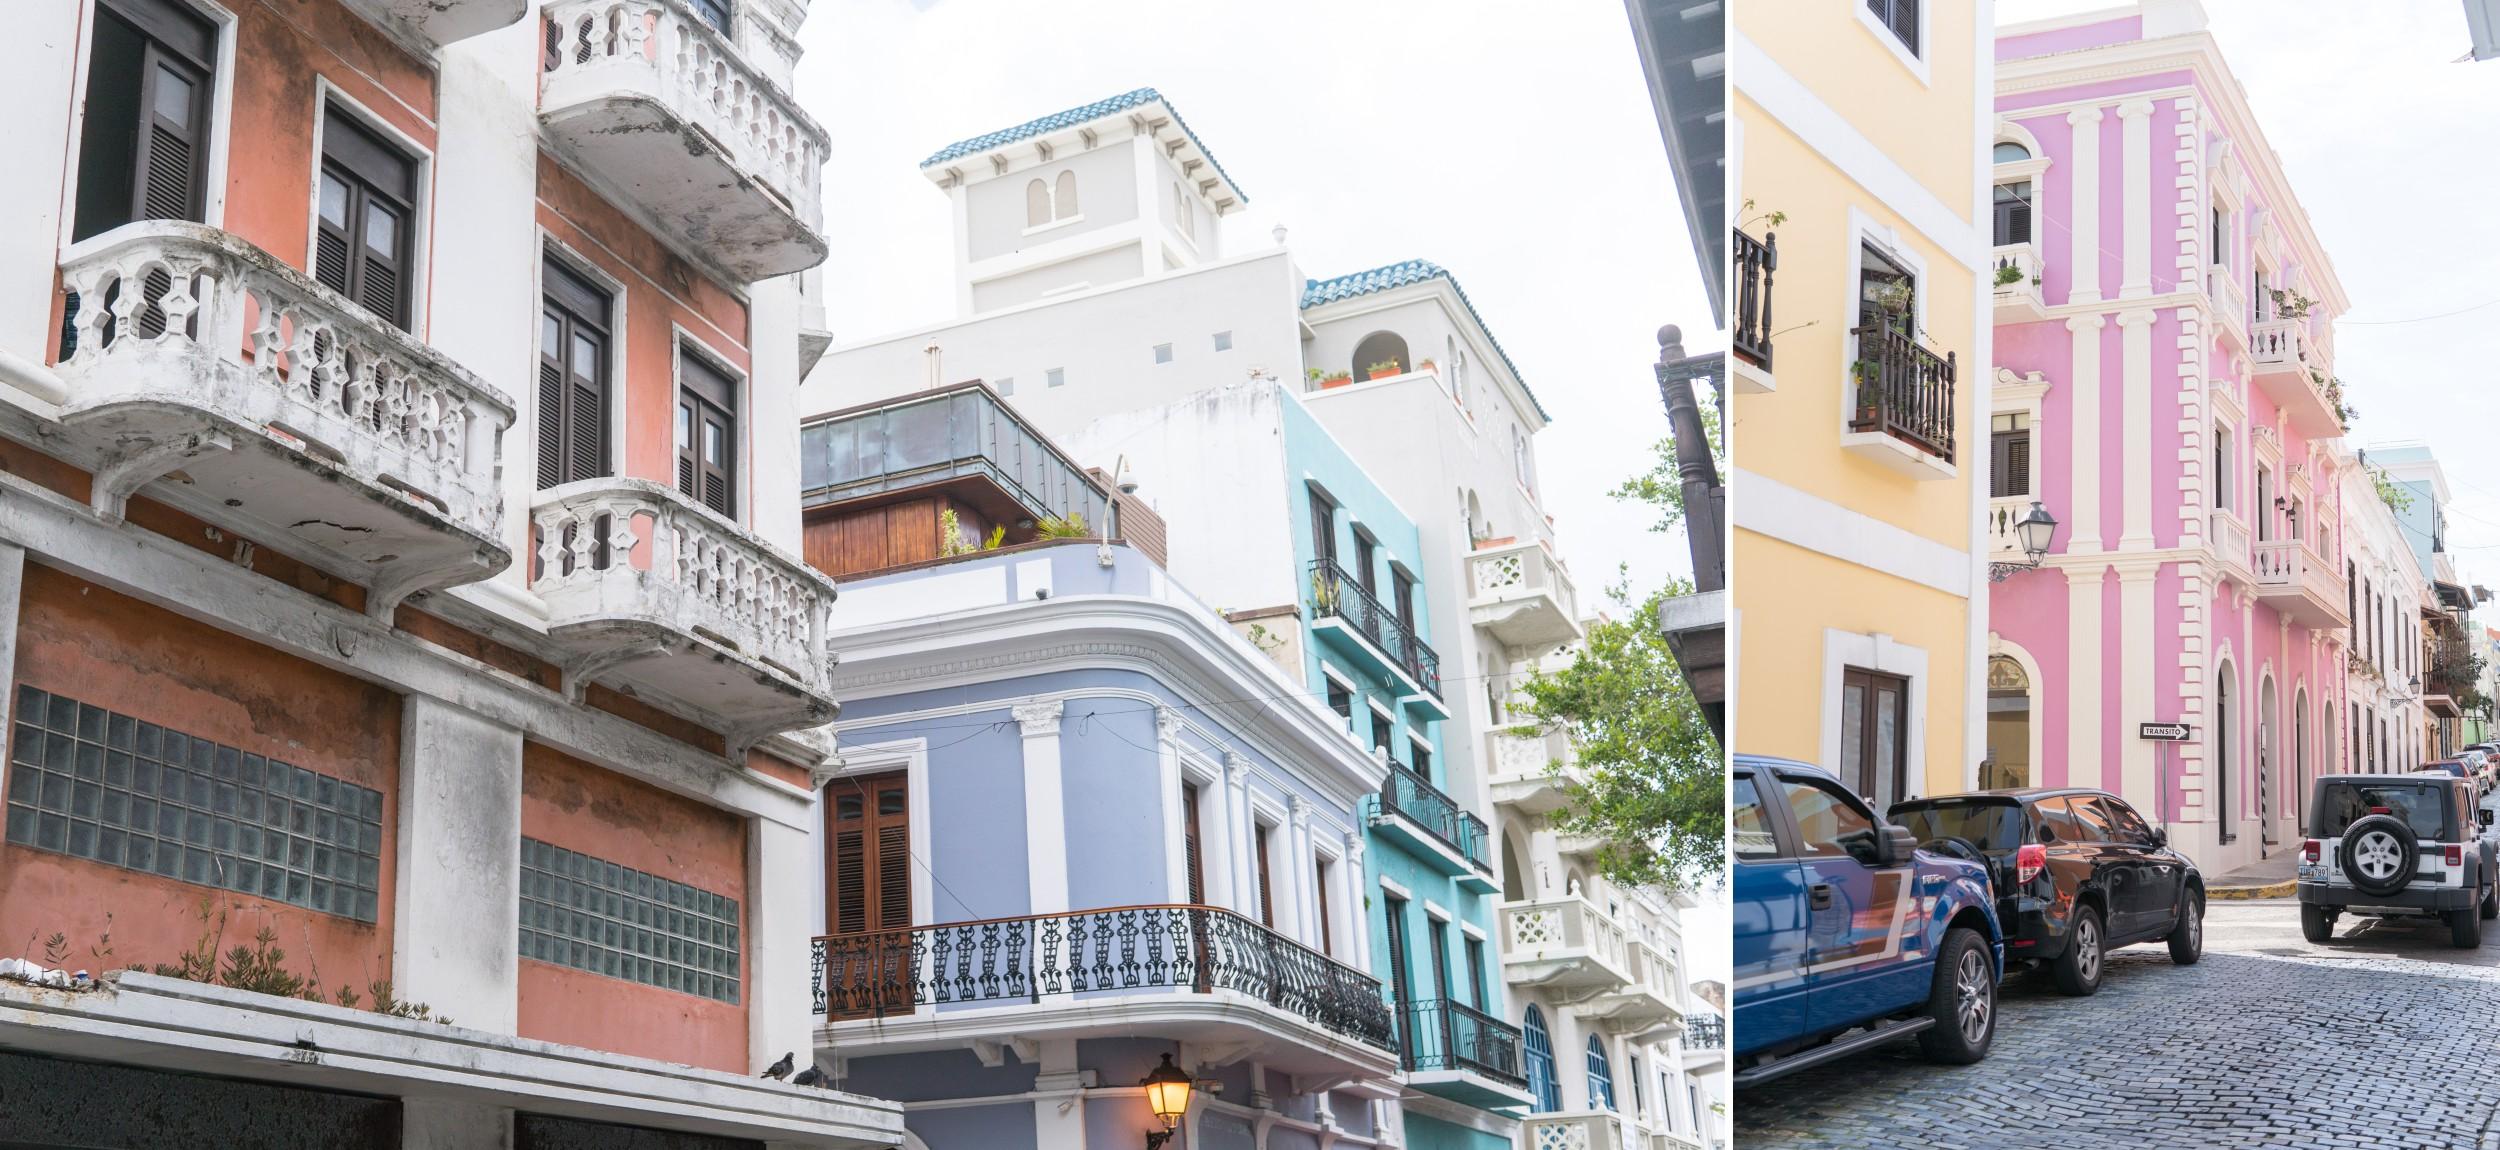 Pastel Painted Buildings Old San Juan